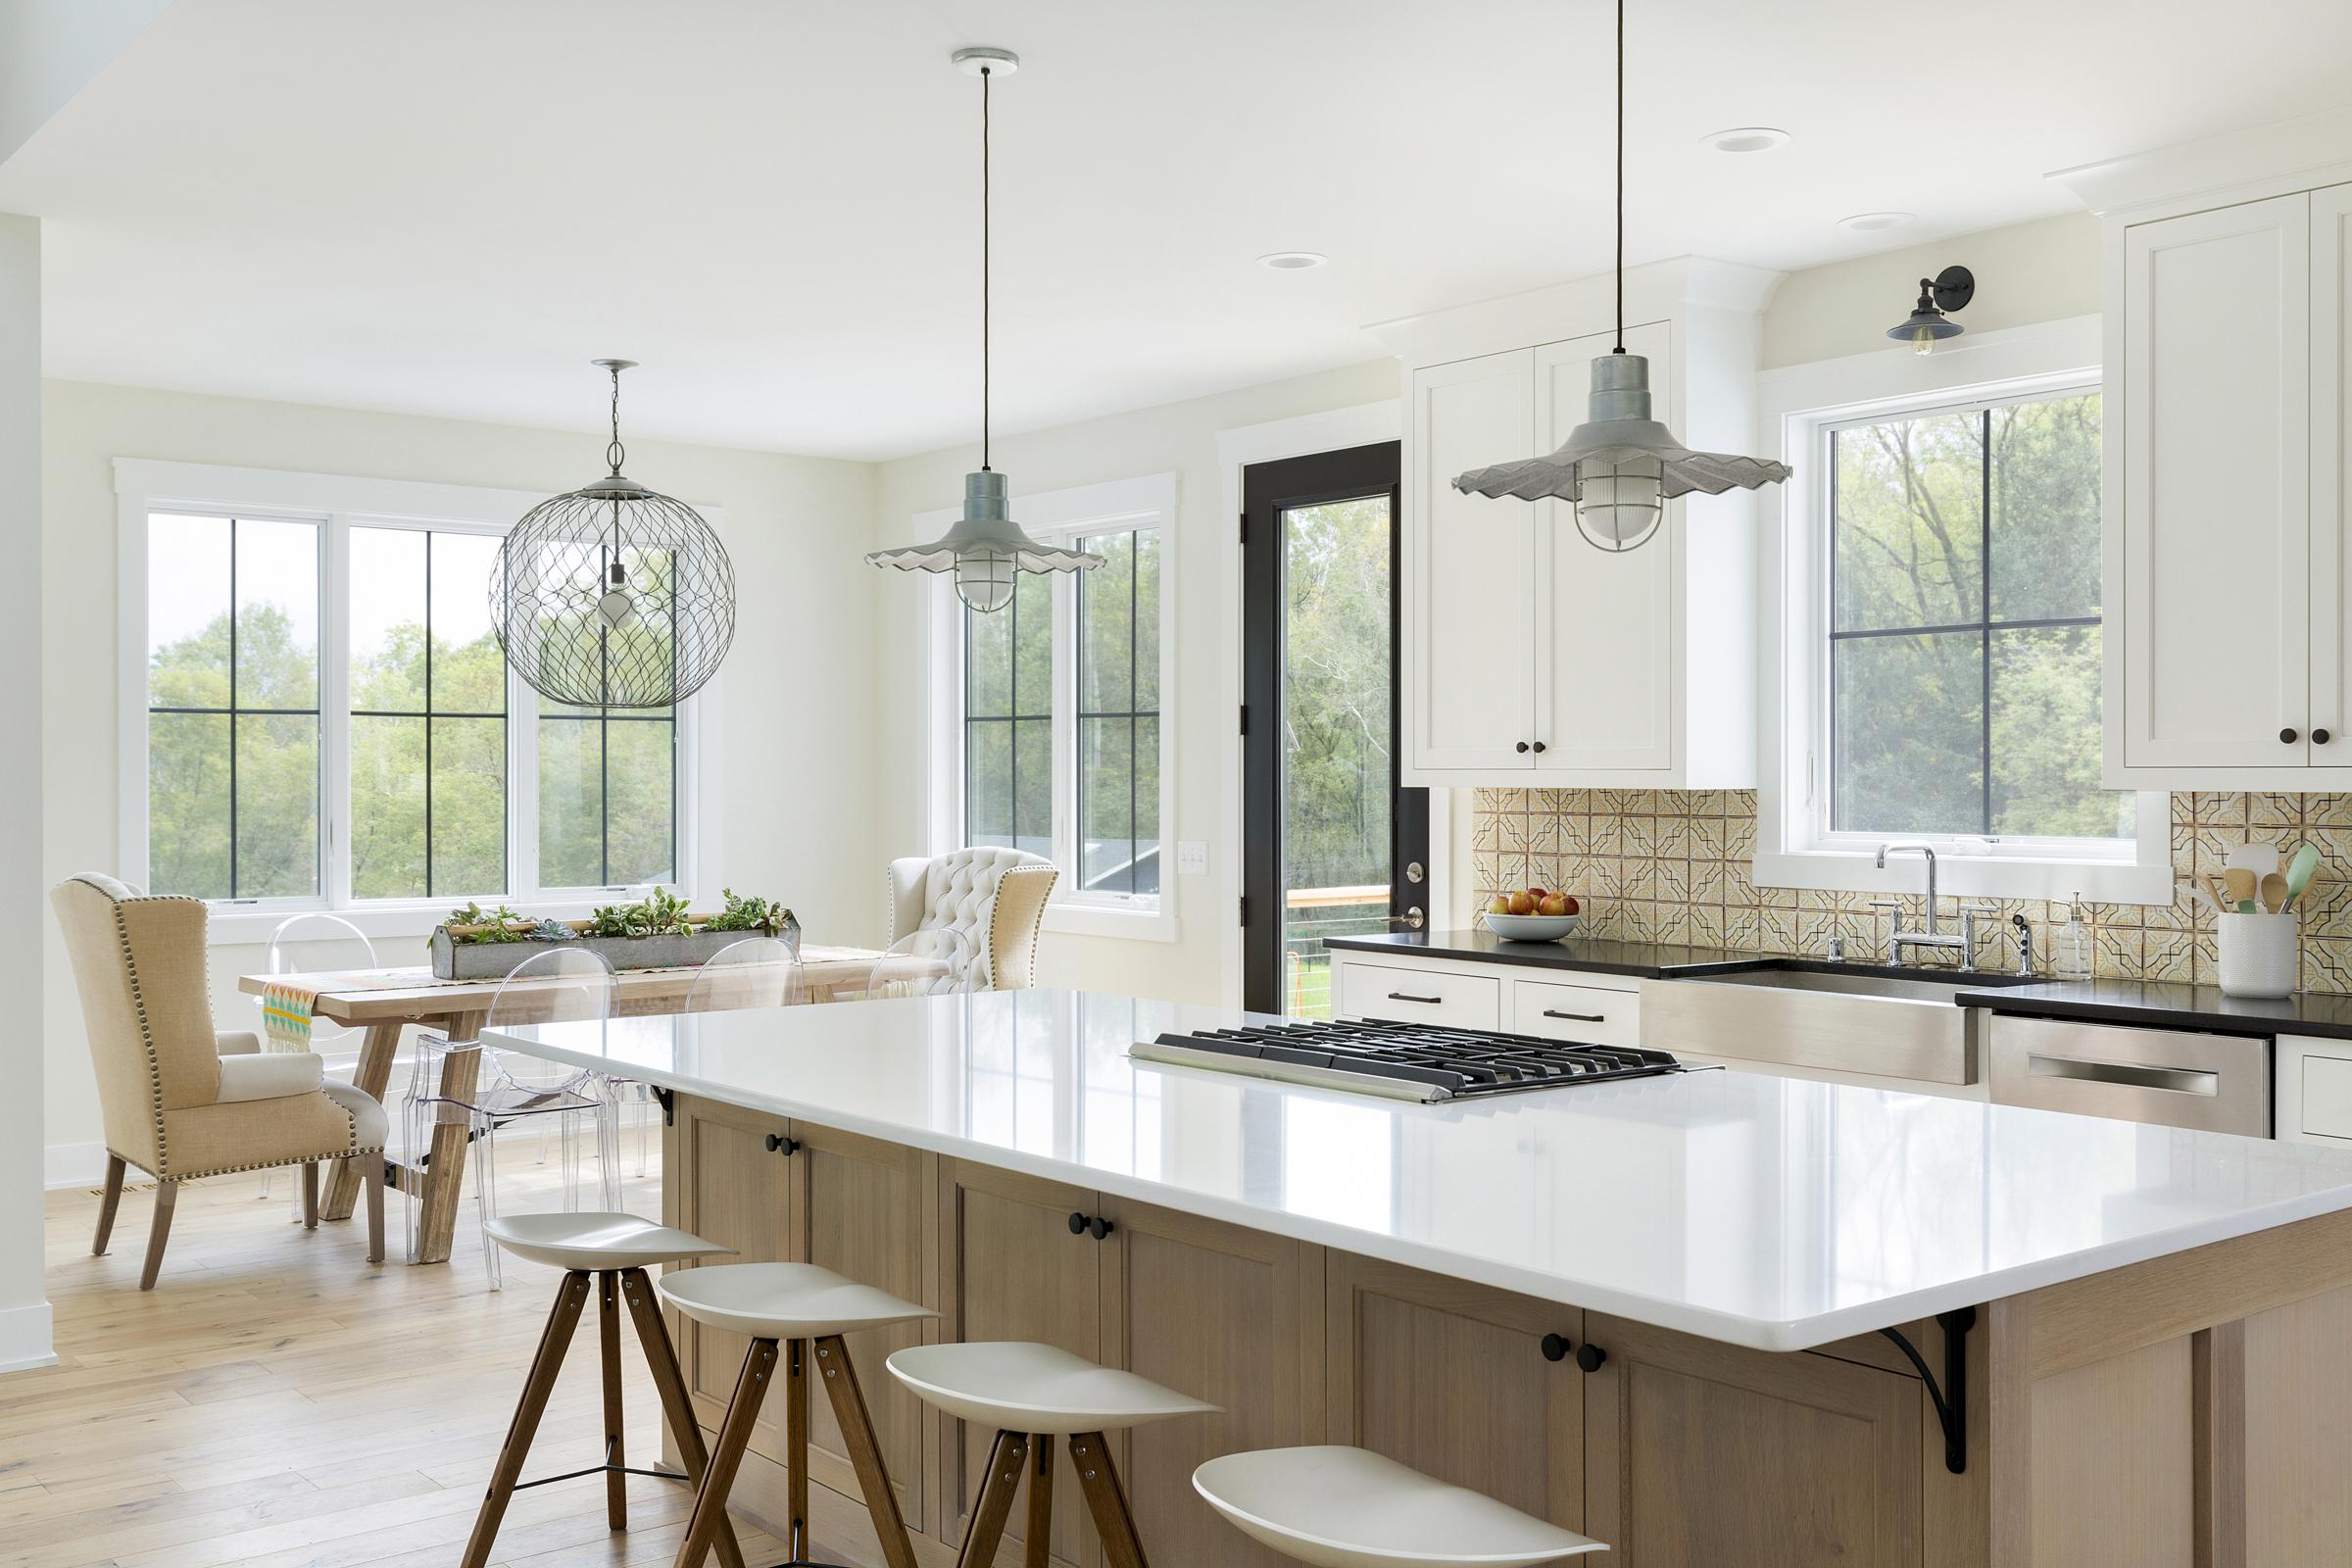 Home_Designer_StillwaterMN_16.jpg